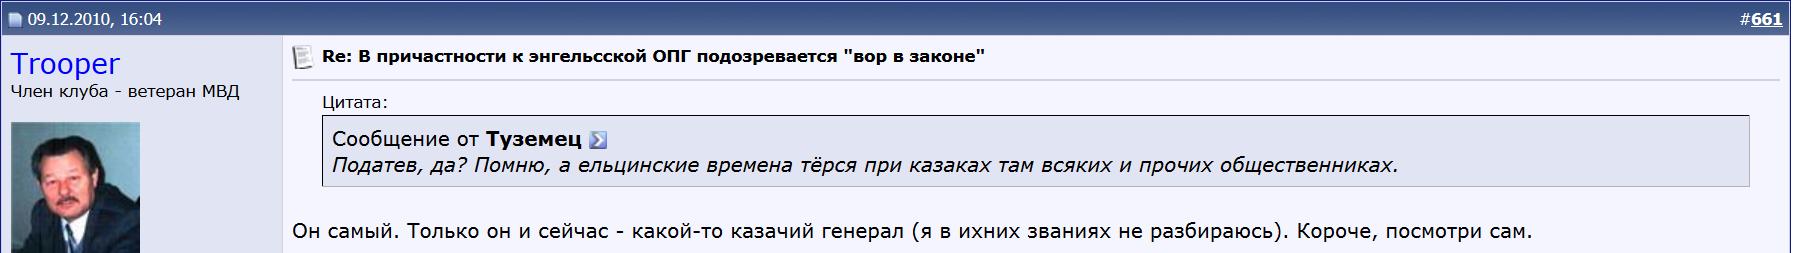 Вор в законе - какой-то казачий генерал